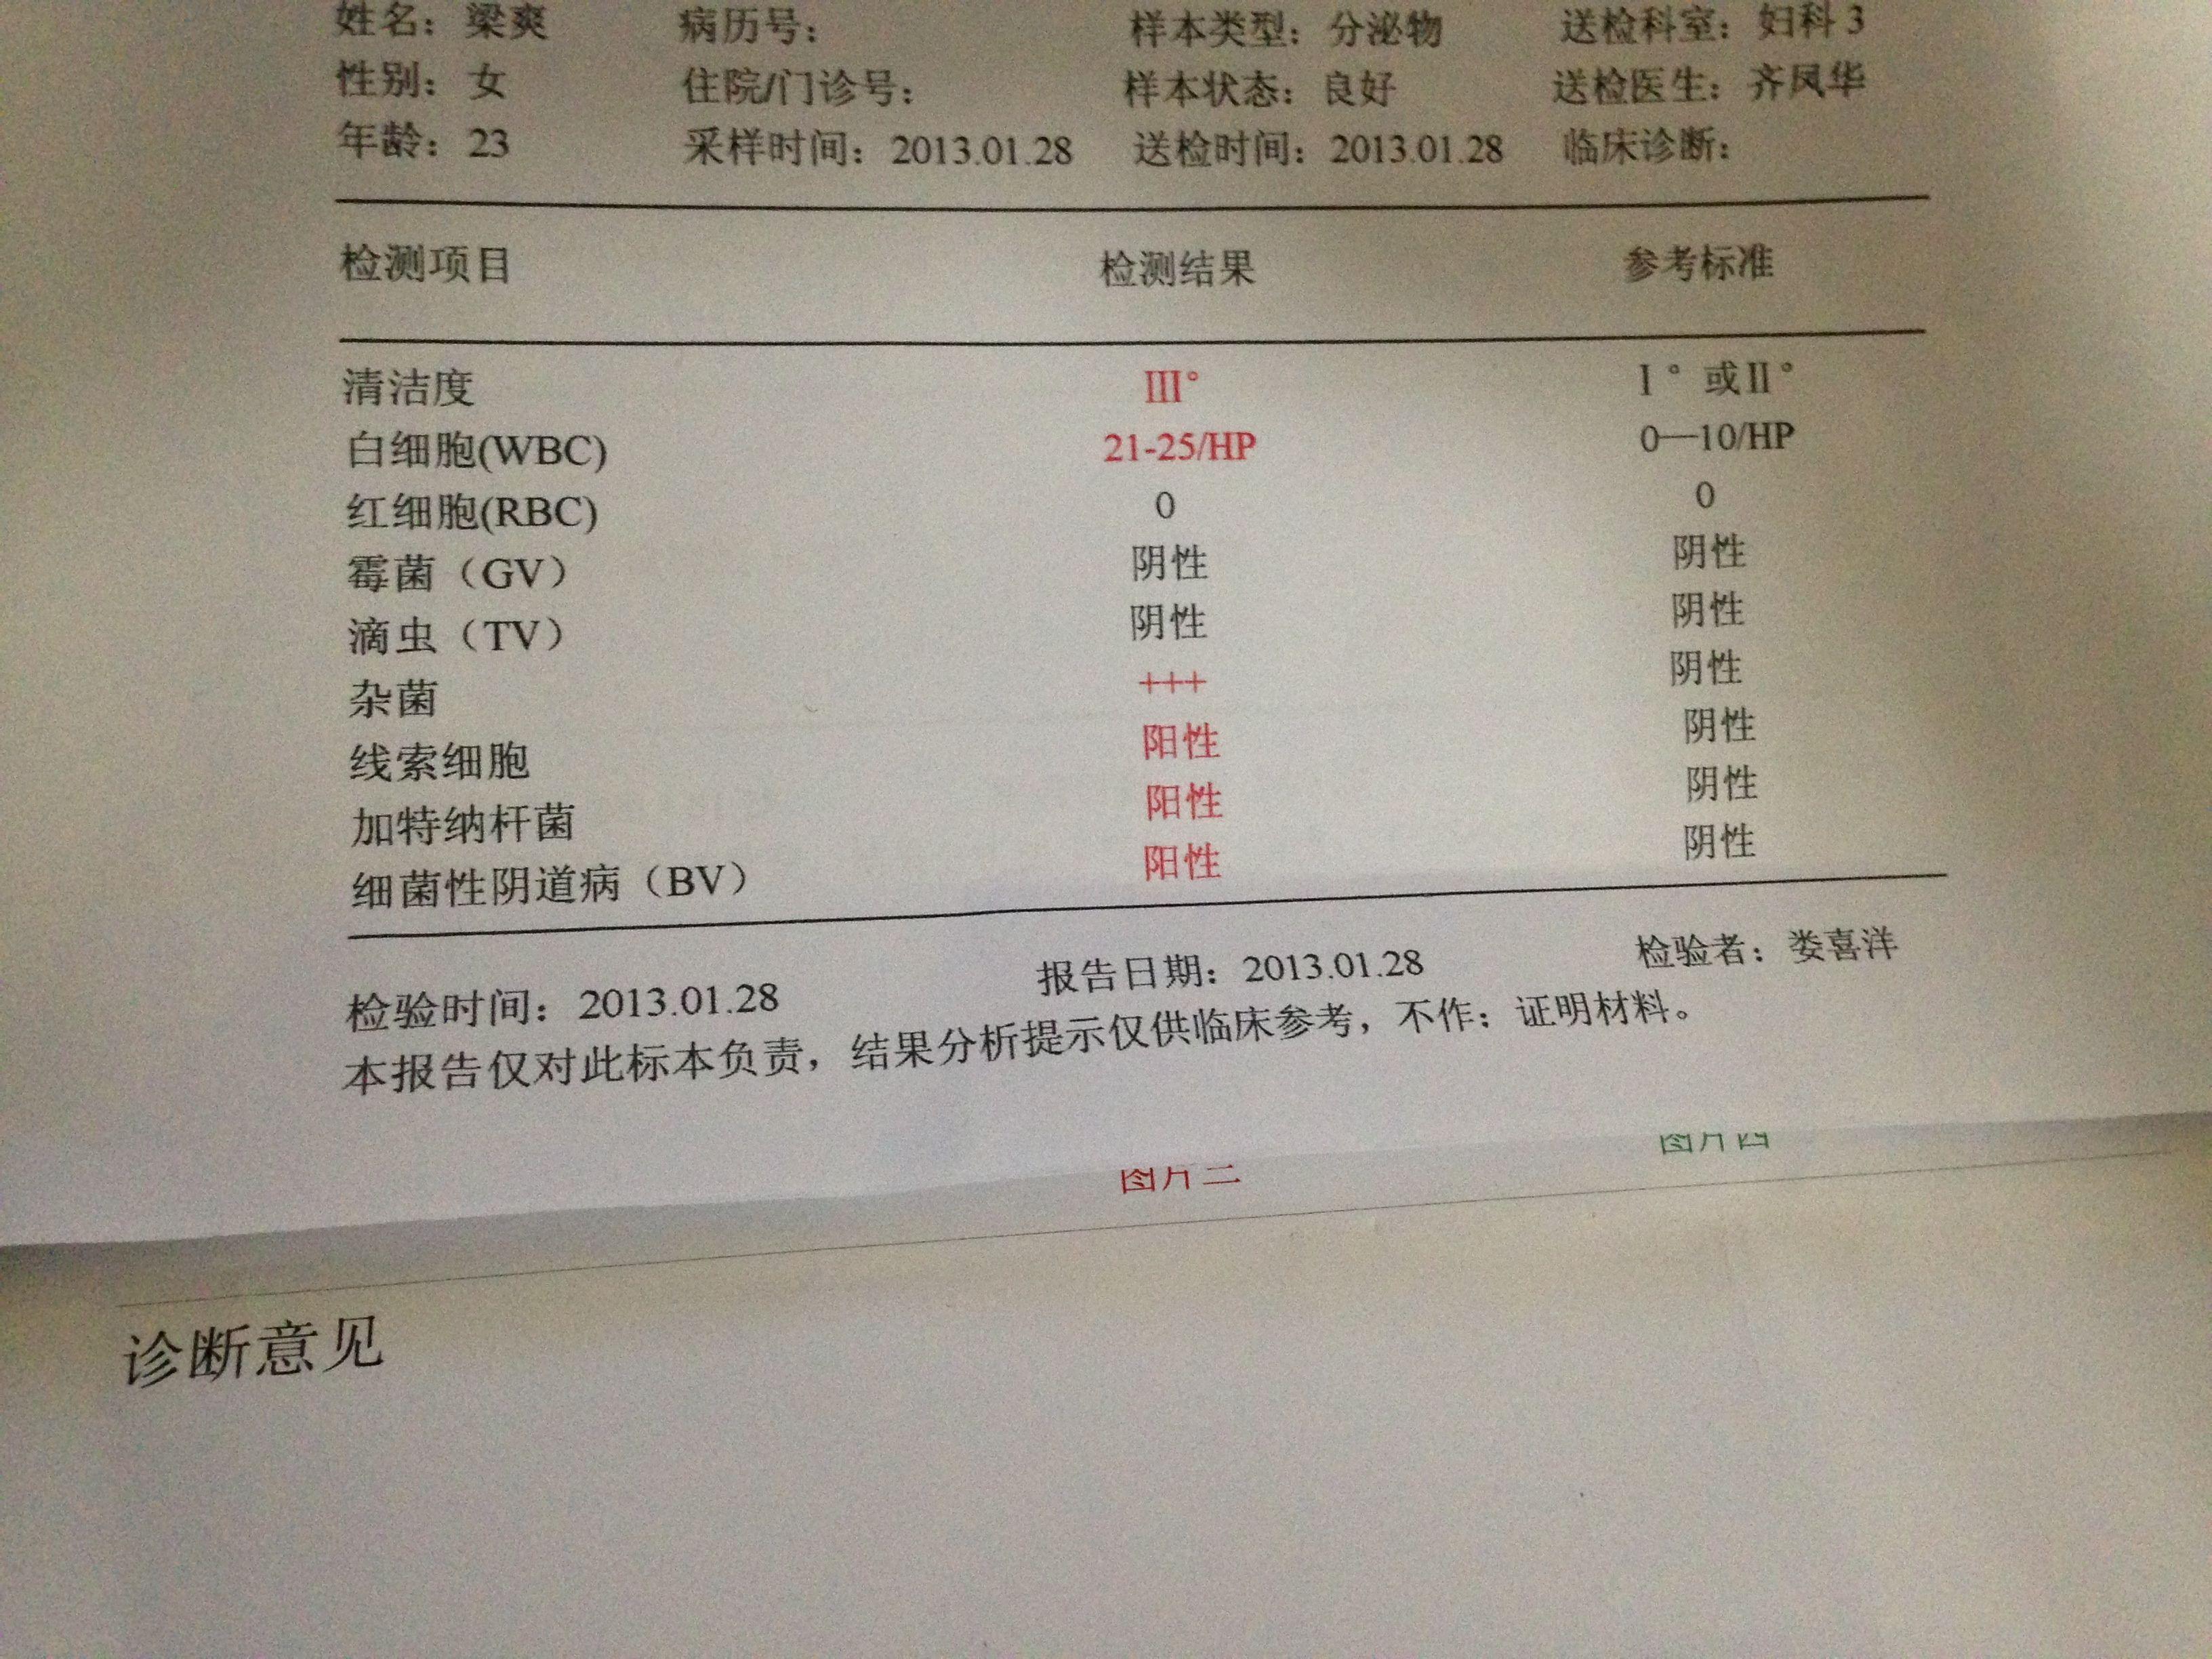 宫颈炎症如何治疗_请问今天去检查妇科 阴道清洁度3度 白细胞21 25 杂菌+++ 线索细胞 ...